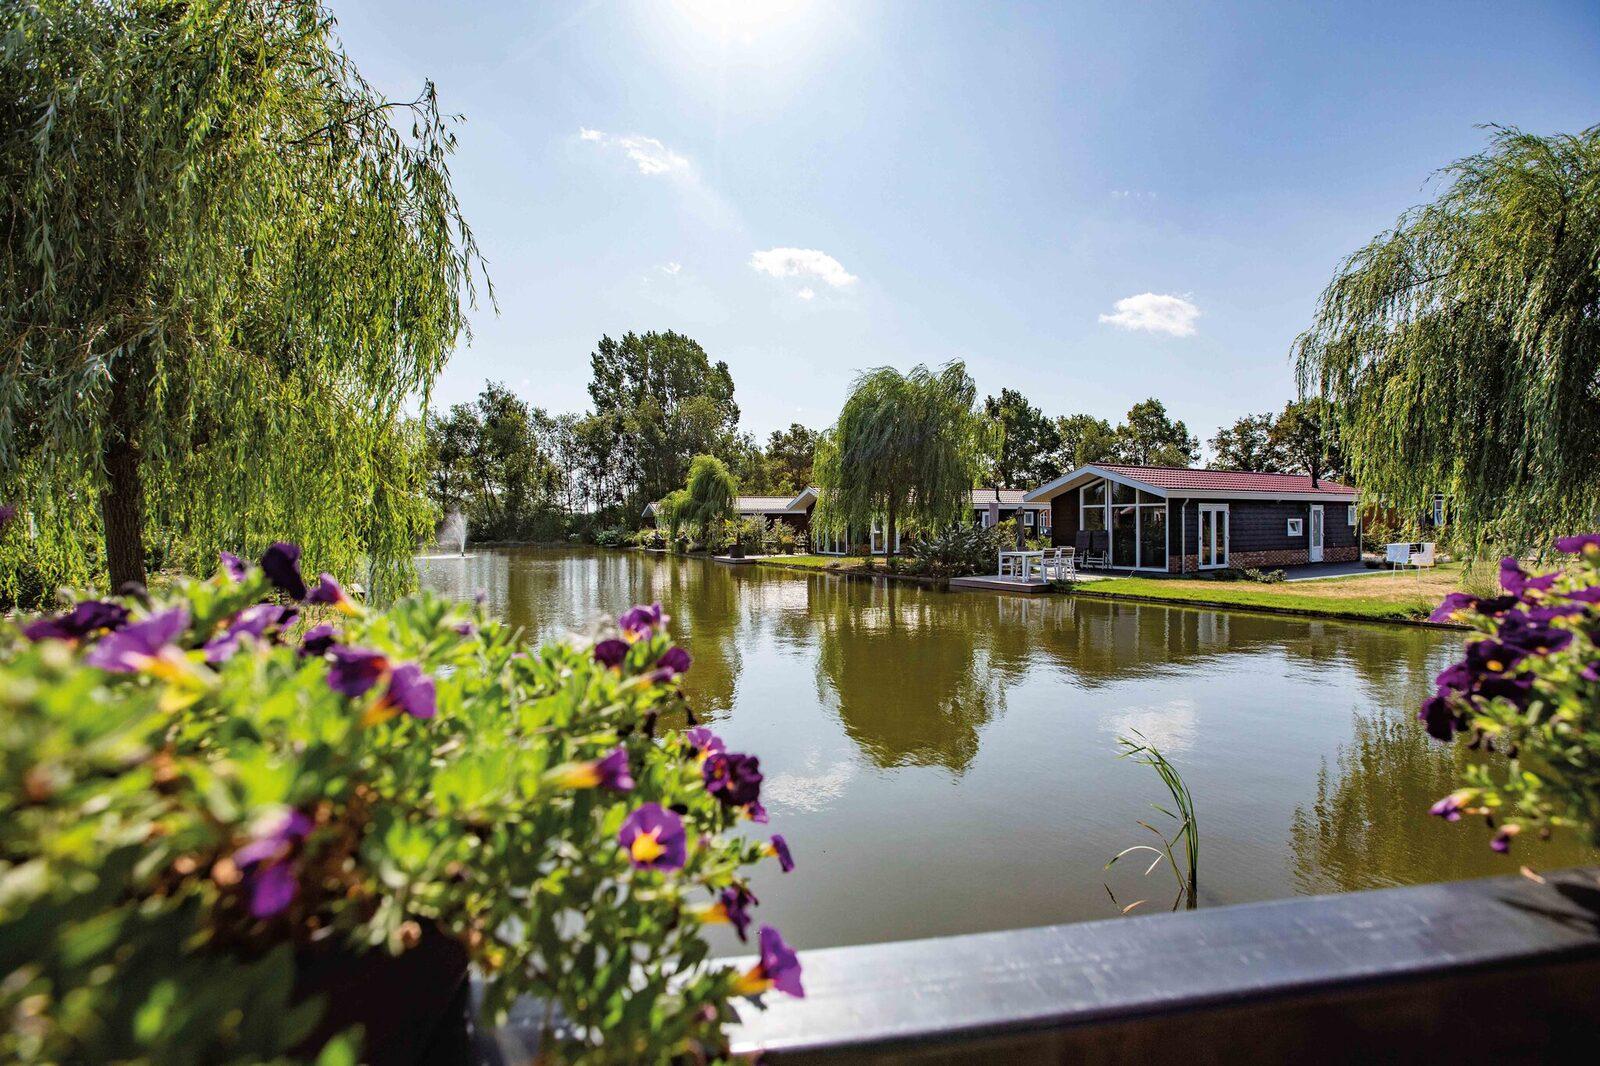 LV Deluxe 4 personen in Lichtenvoorde - Gelderland, Nederland foto 4763070